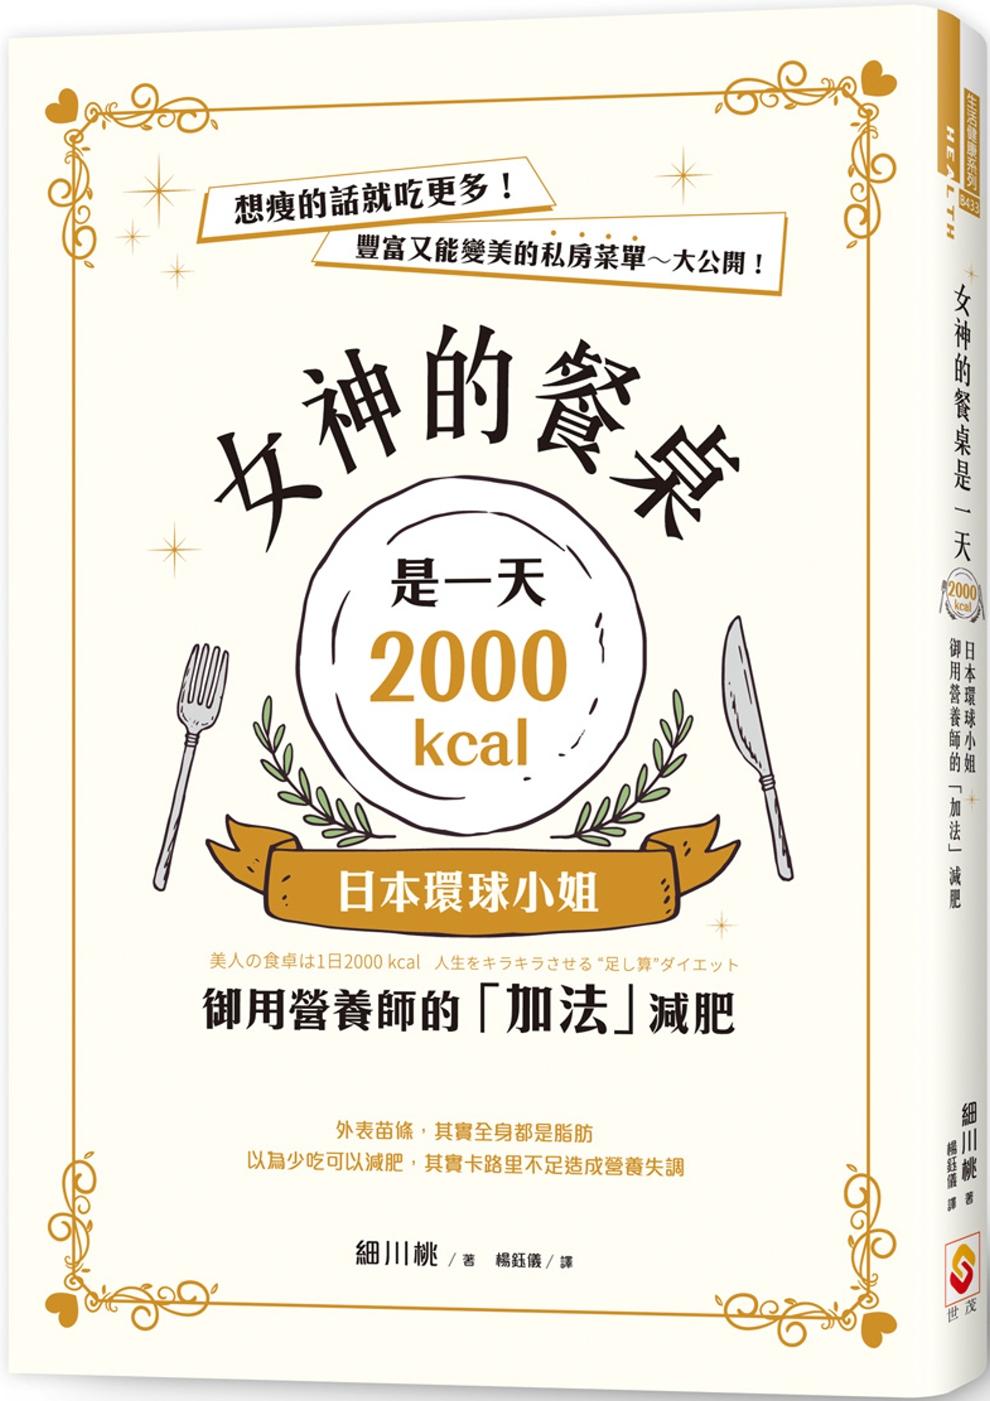 女神的餐桌是一天2000kcal:日本環球小姐御用營養師的「加法」減肥